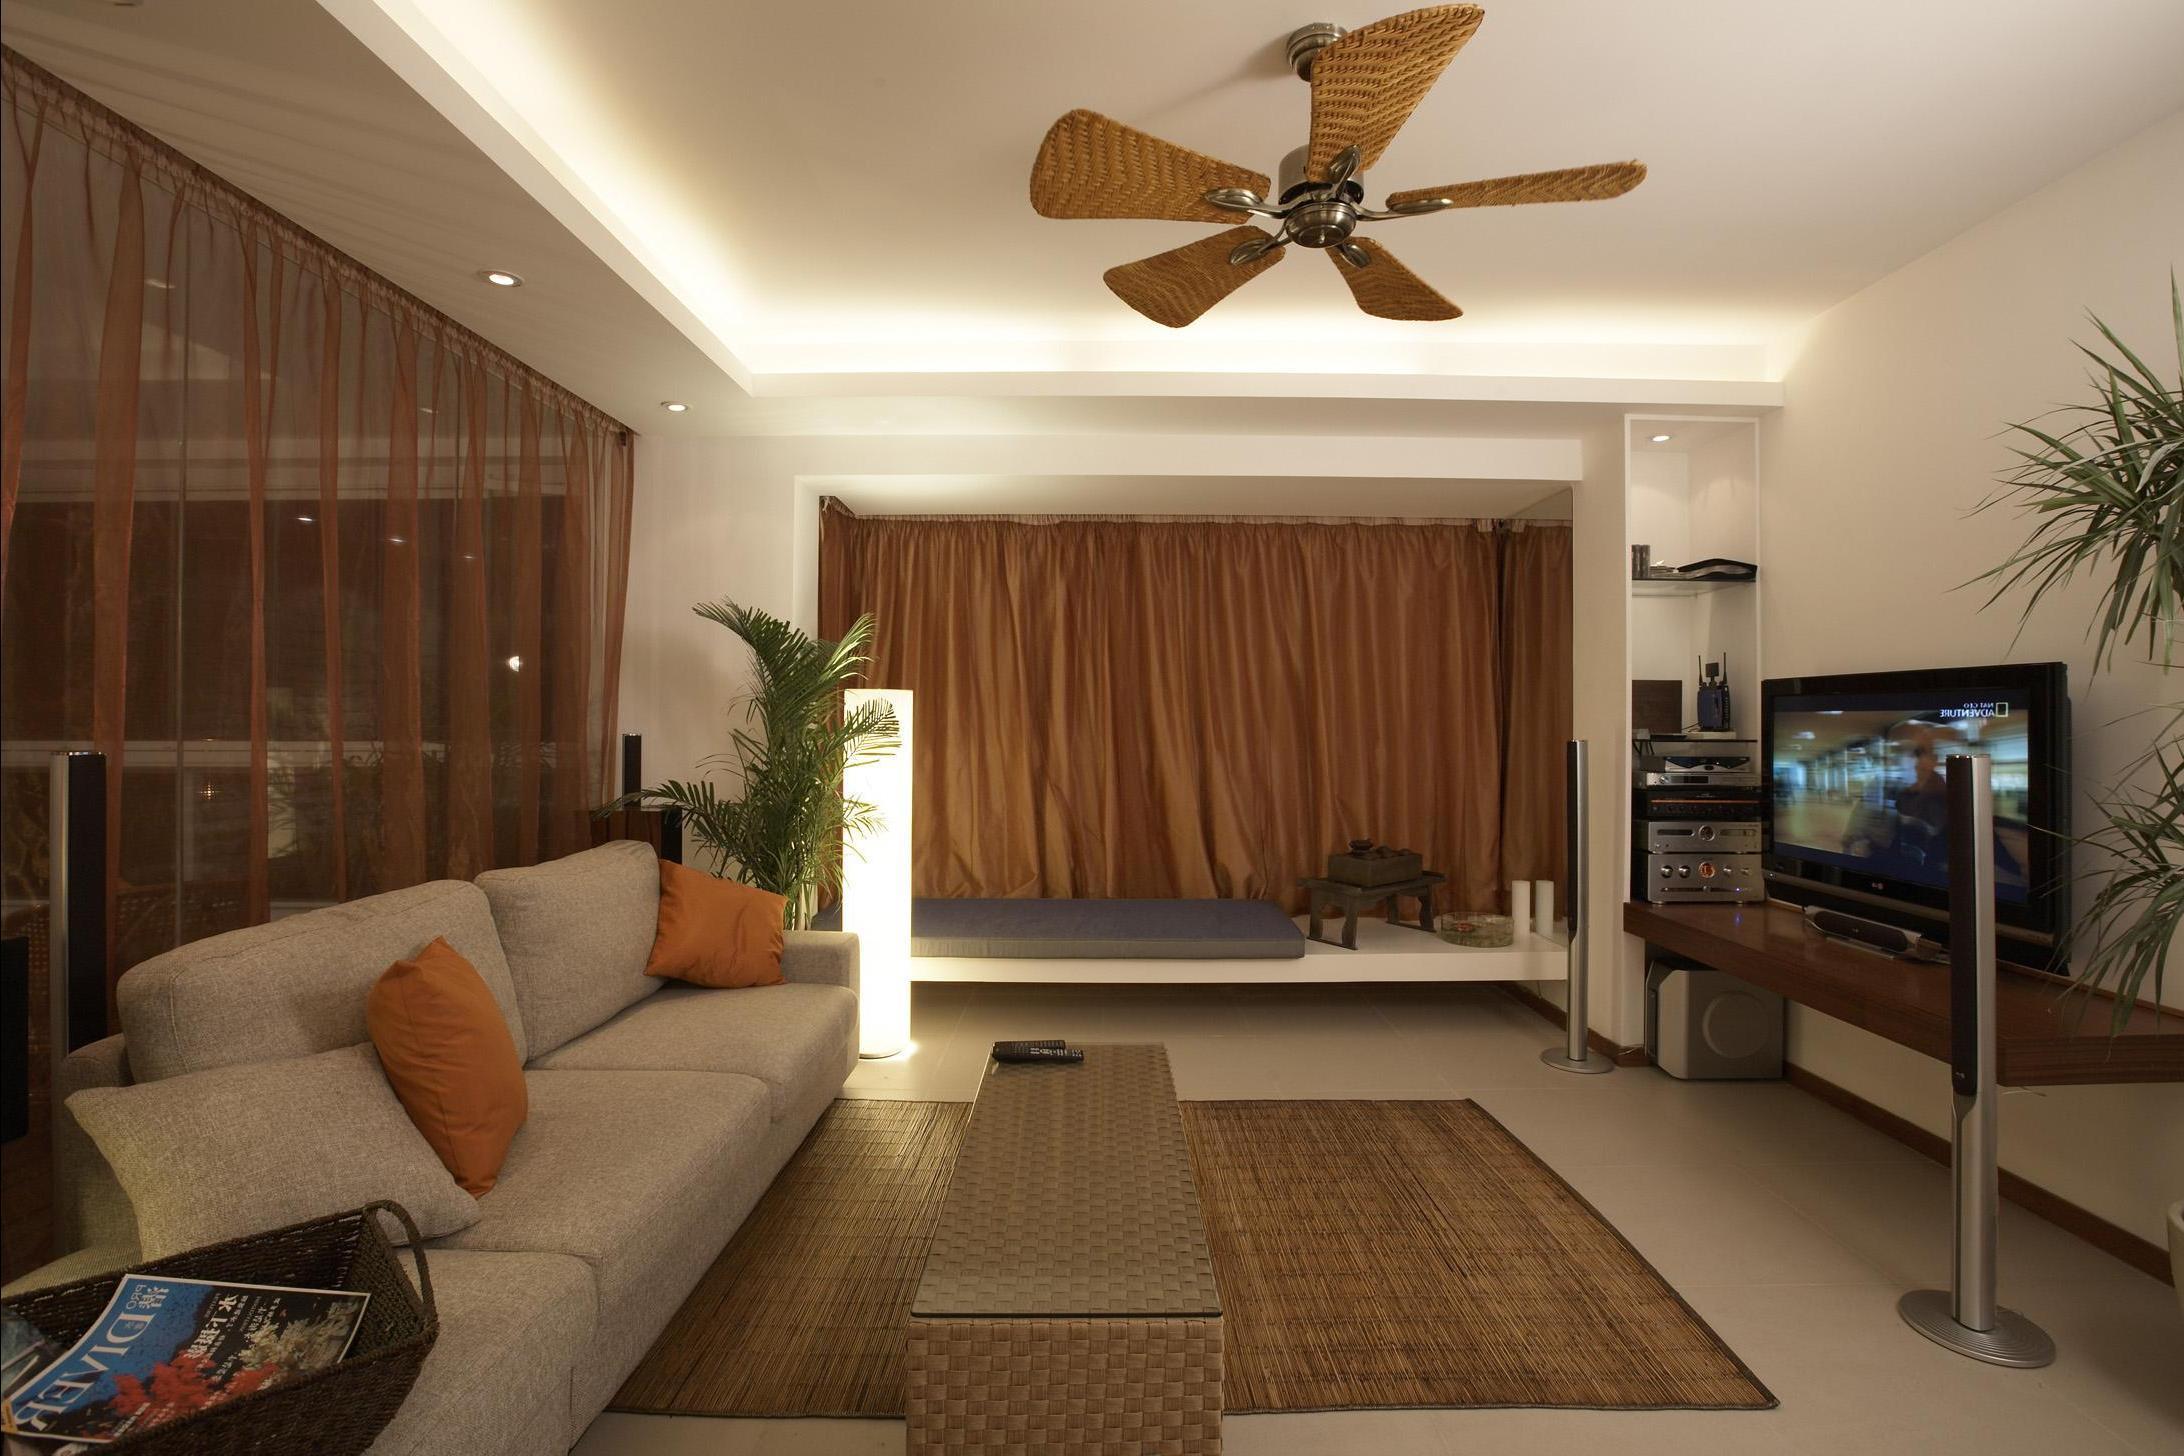 Варианты интерьера гостиной в квартире фото